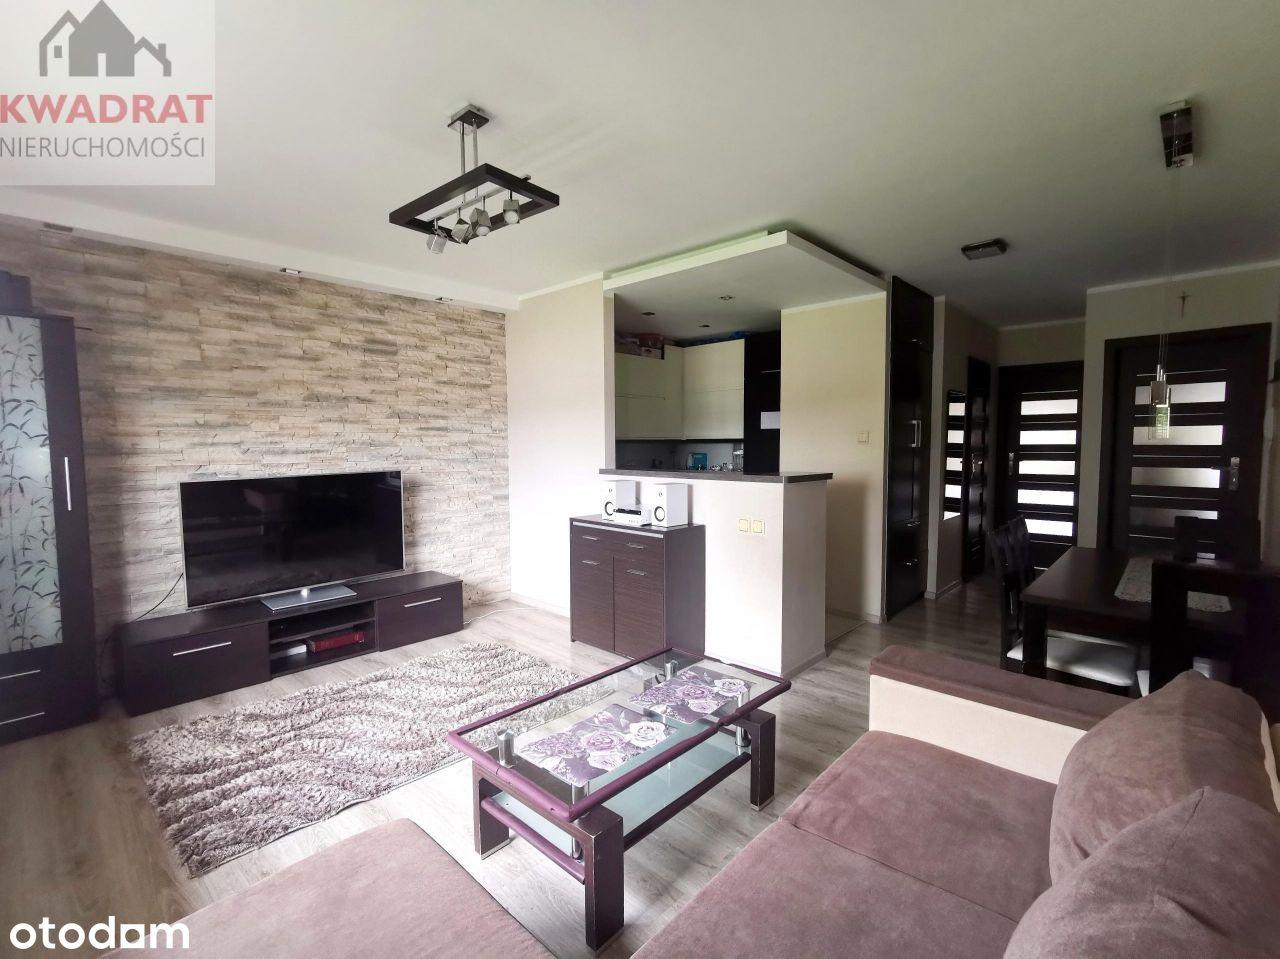 3-pokojowe mieszkanie, 1 piętro, nowe budownictwo